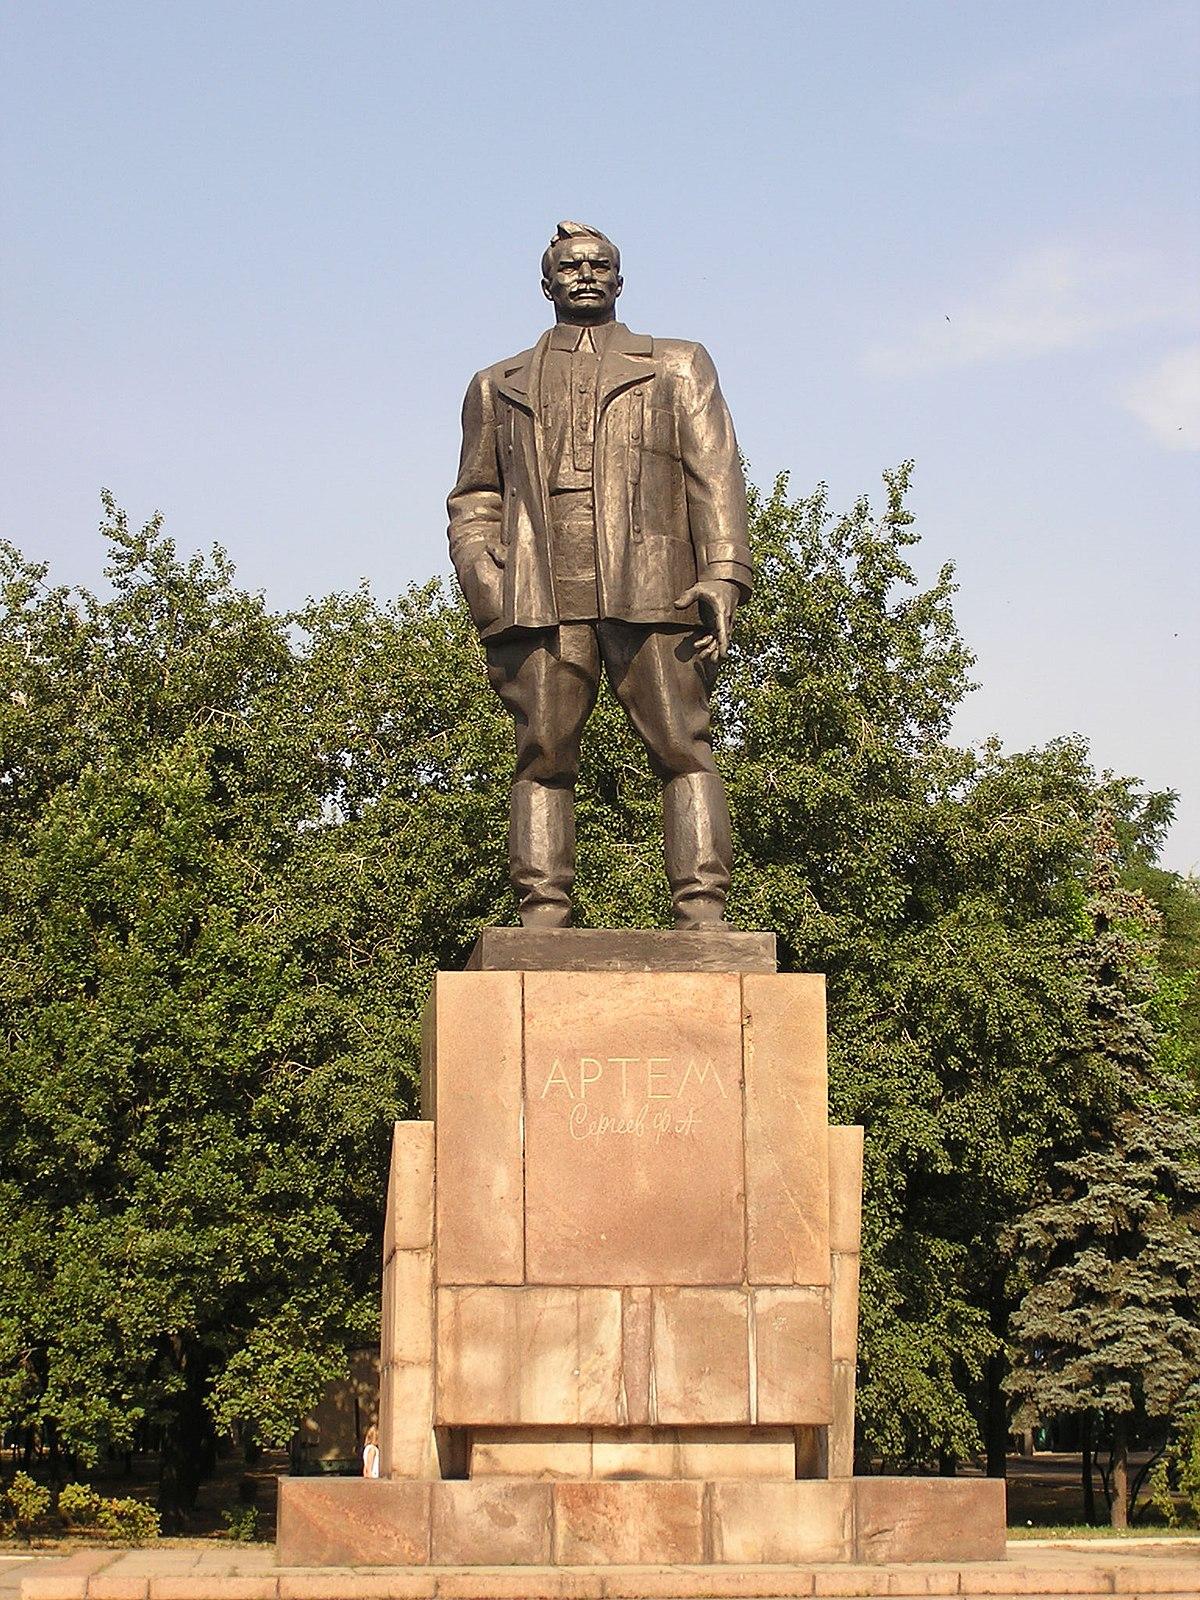 Памятник Артёму Донецк Википедия